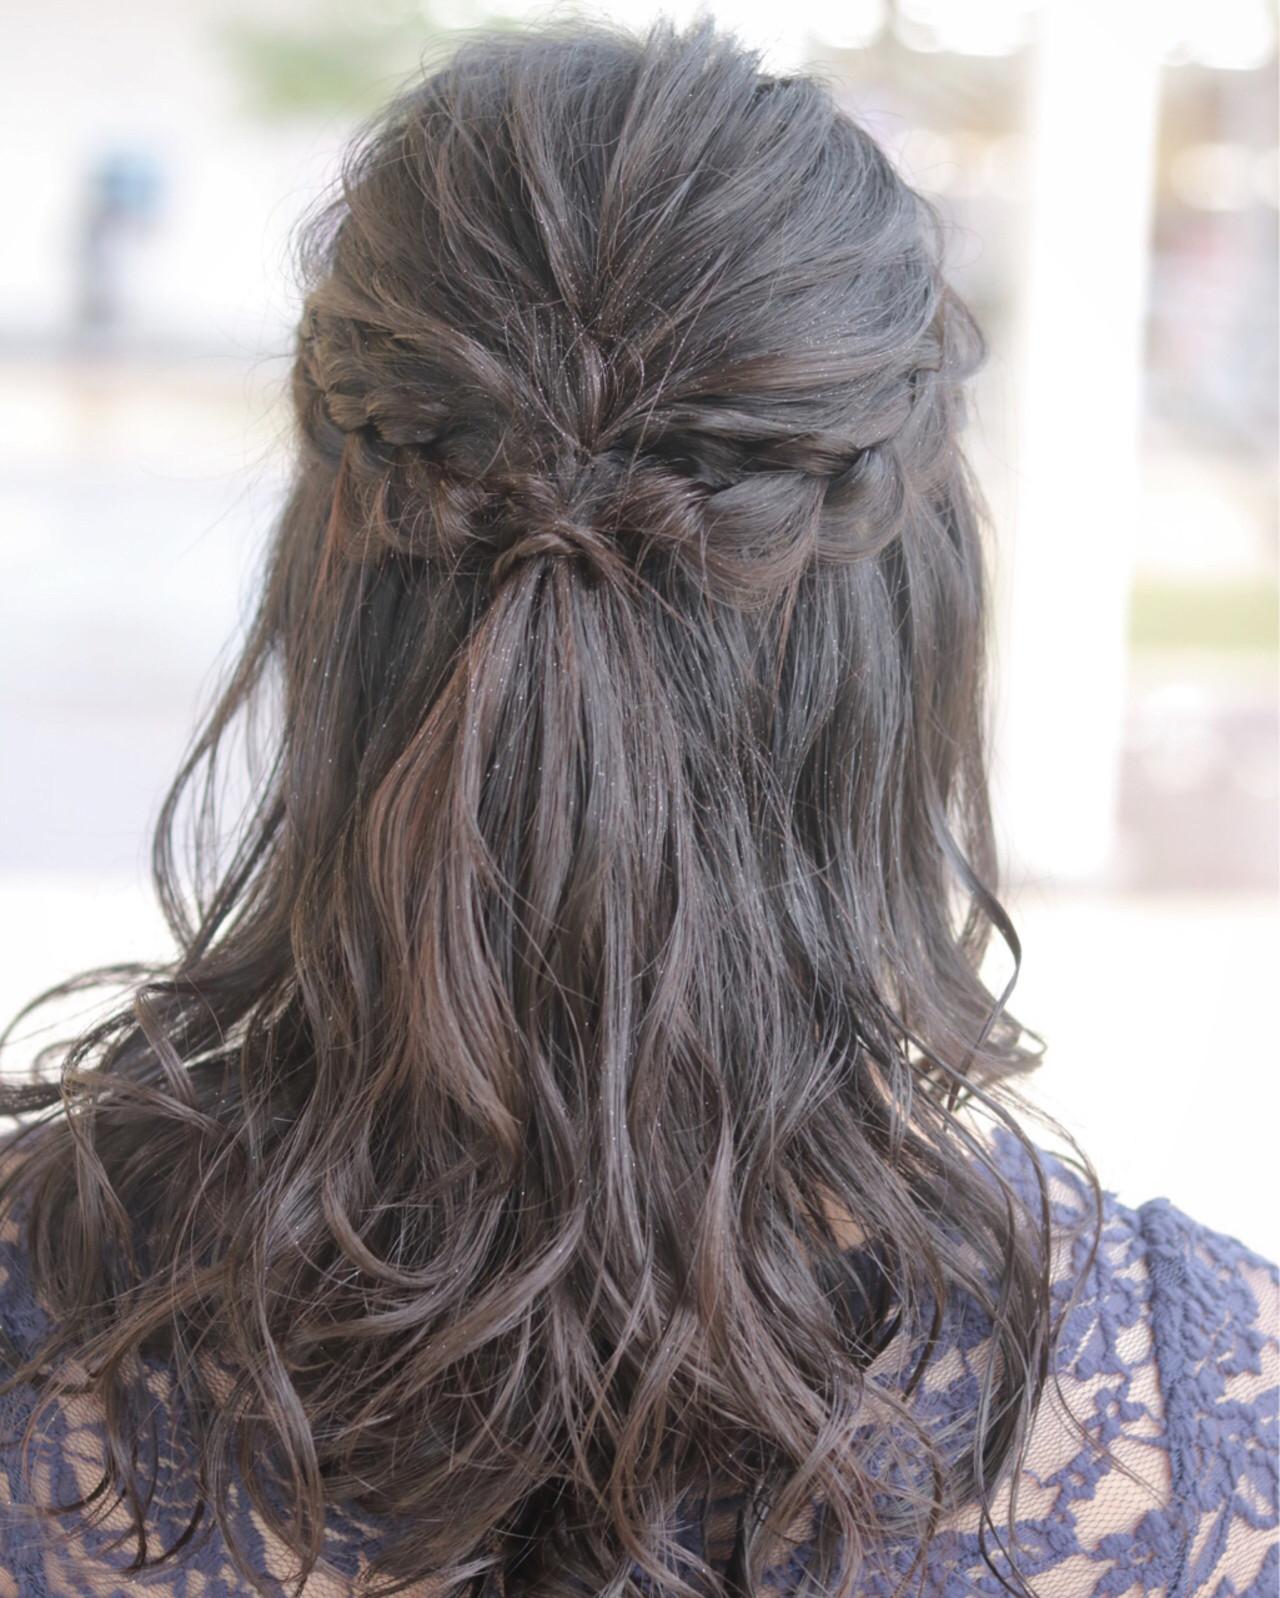 エアリー 外国人風 ハーフアップ ナチュラル ヘアスタイルや髪型の写真・画像